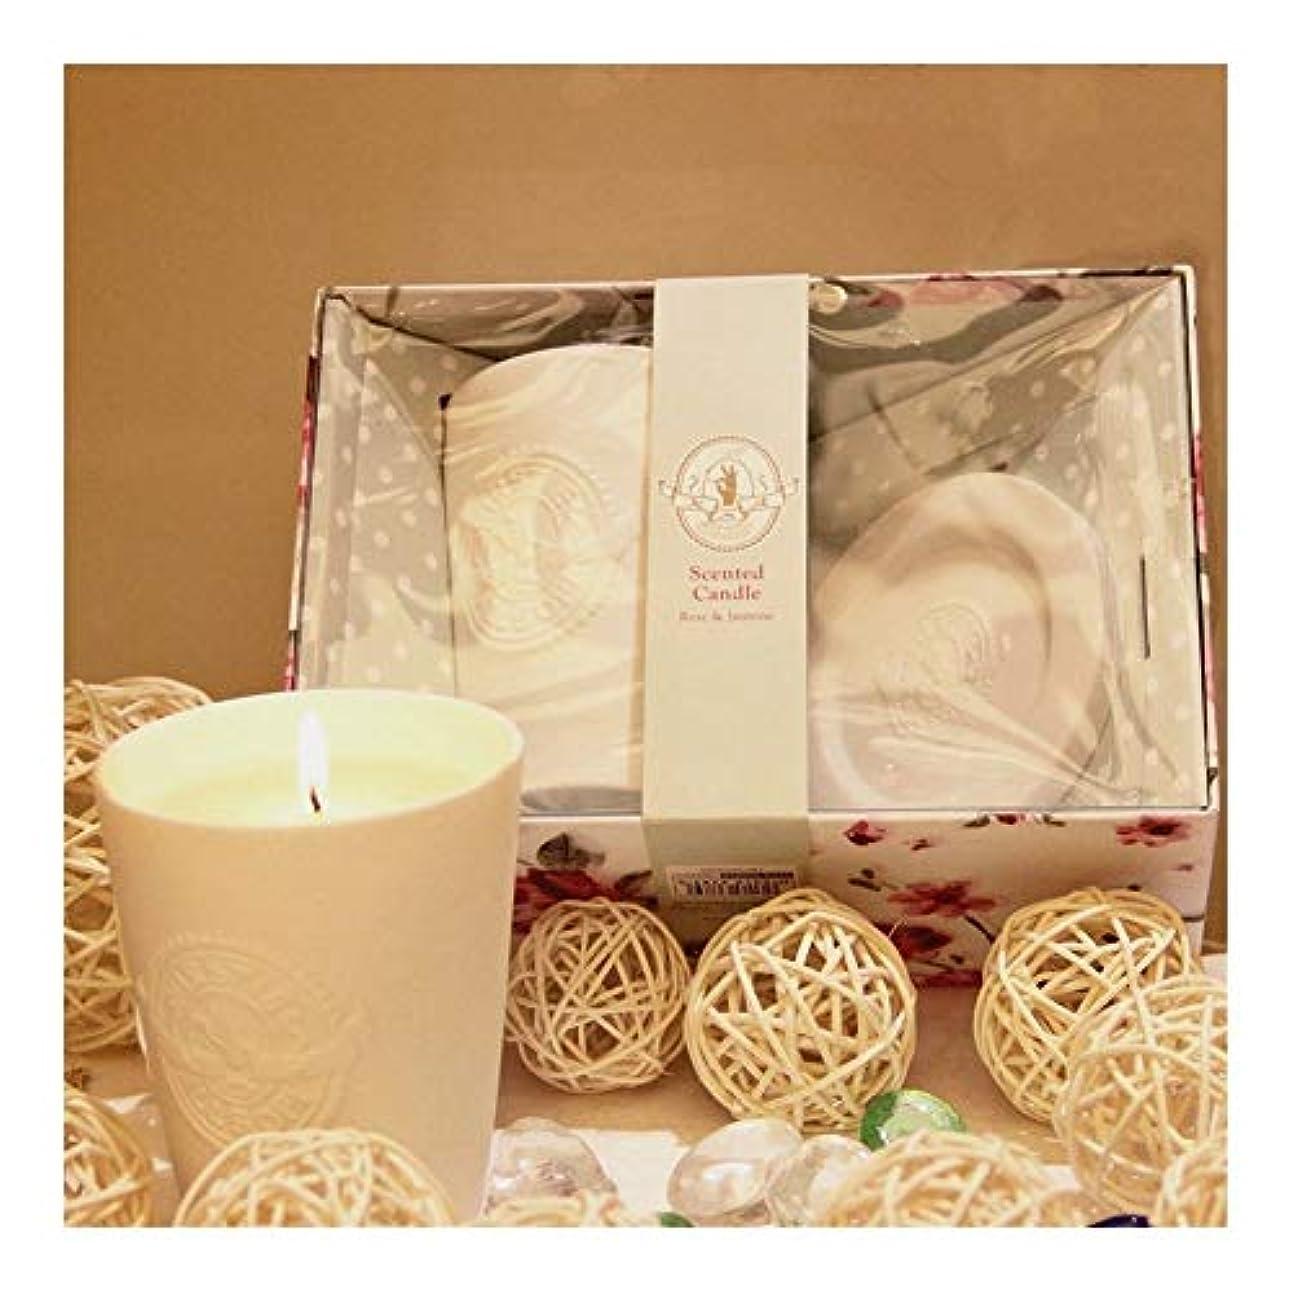 隣人物語違法Guomao 白い陶器のガラス、ワックス、香料入りの蝋燭、屋内臭気の蝋燭